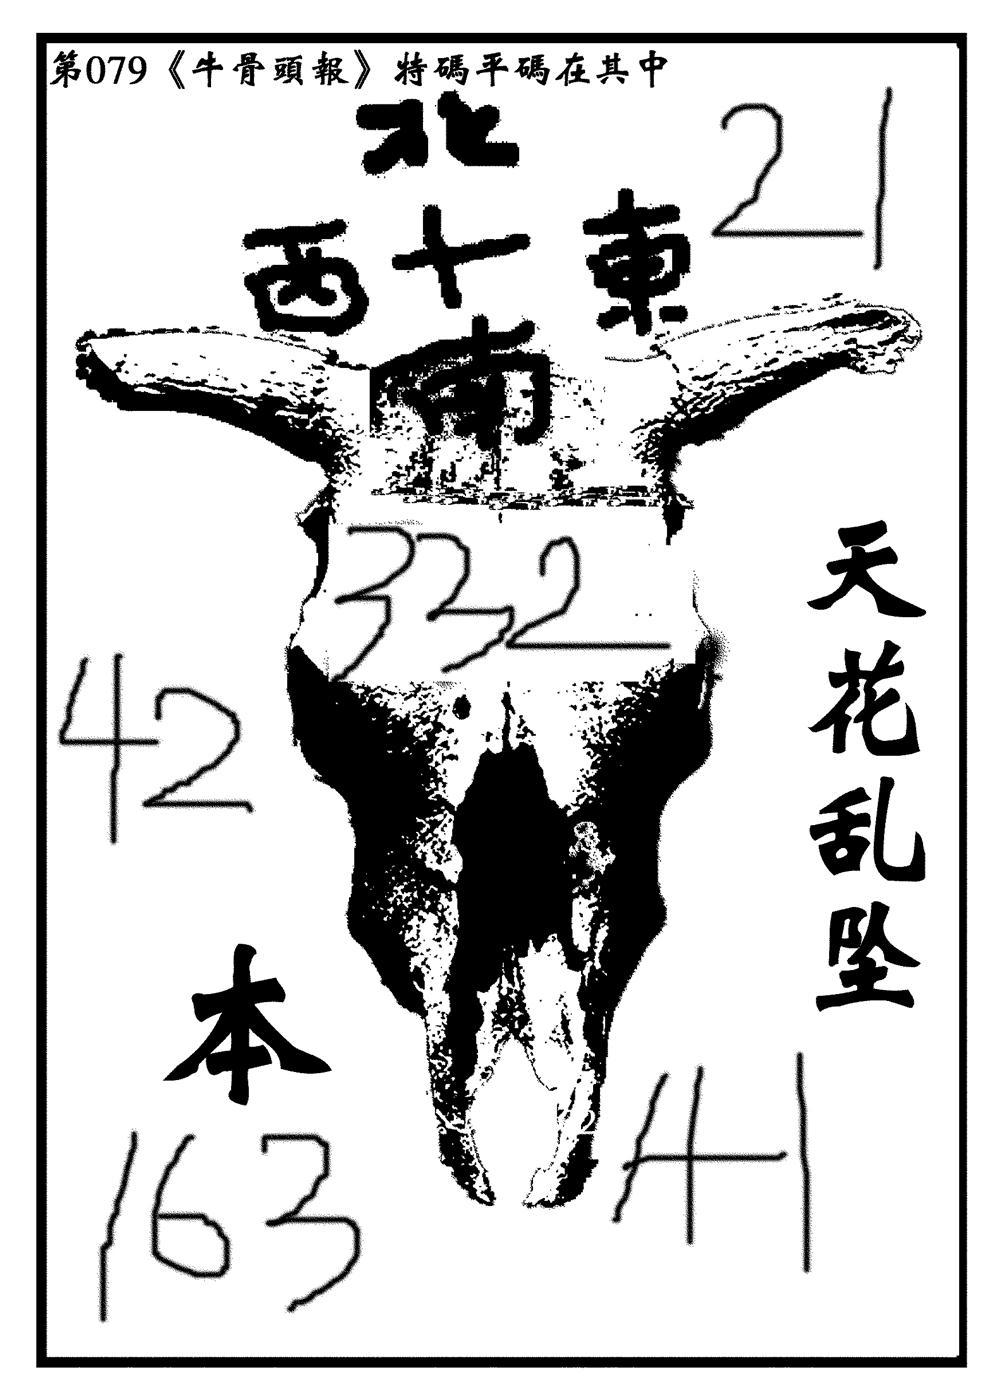 079期牛头报(黑白)